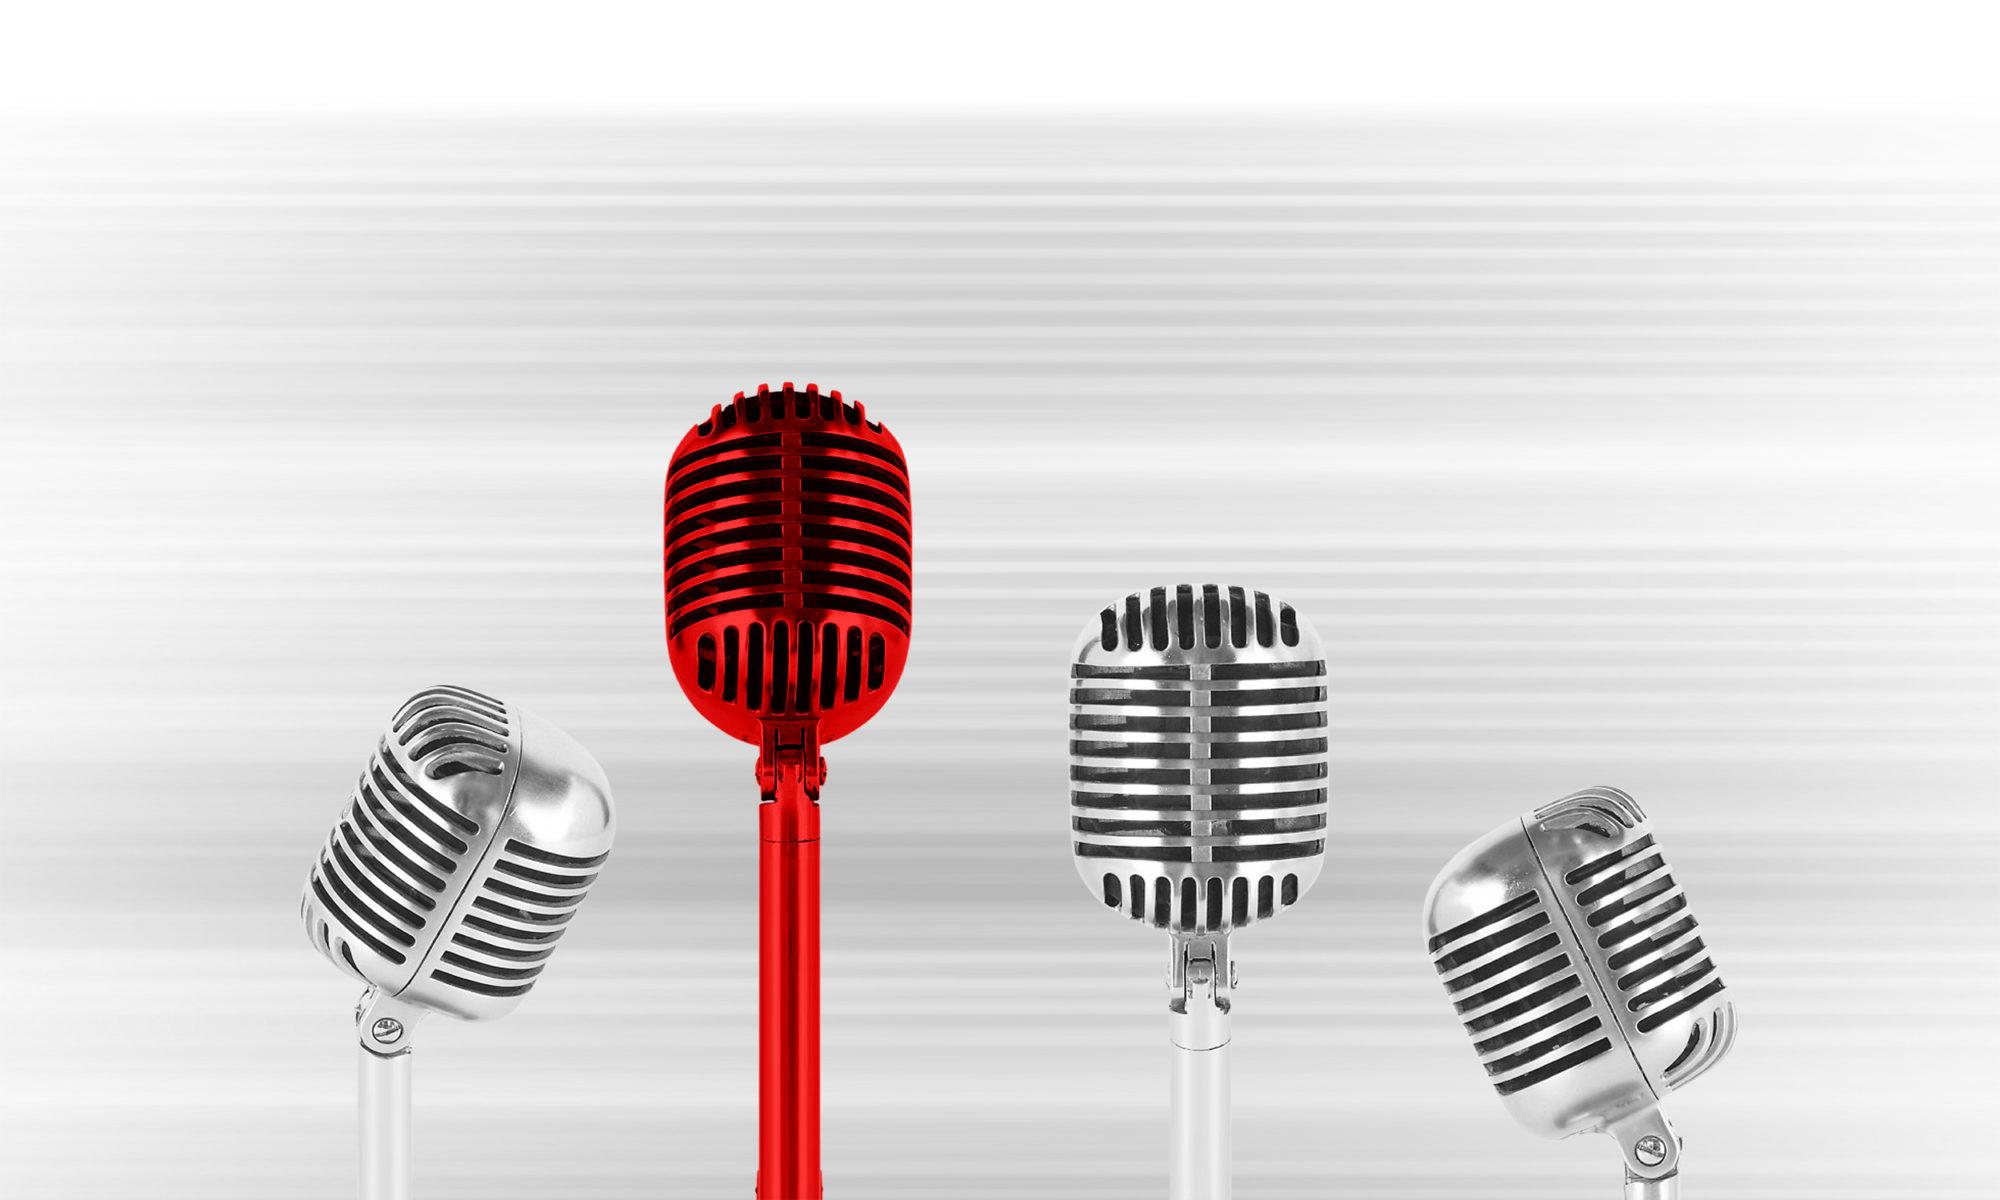 Texter und Redner